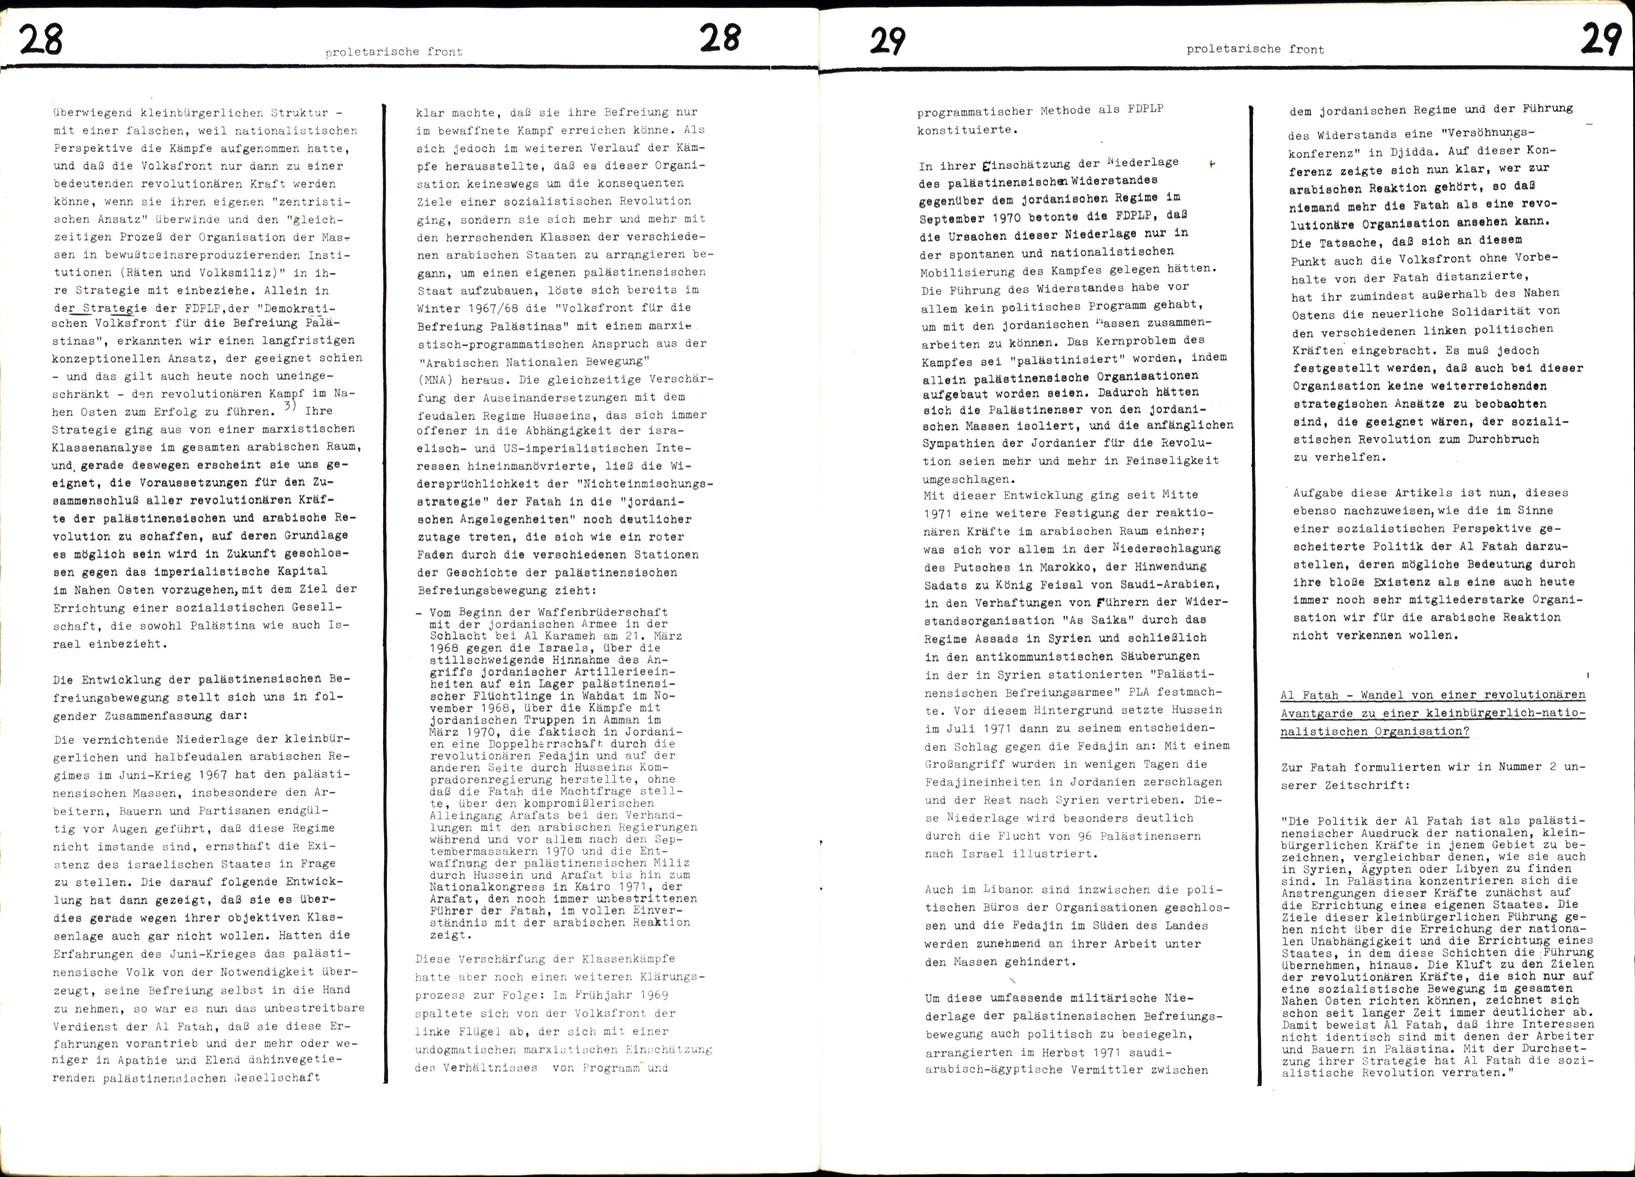 Proletarische_Front_1972_04_15